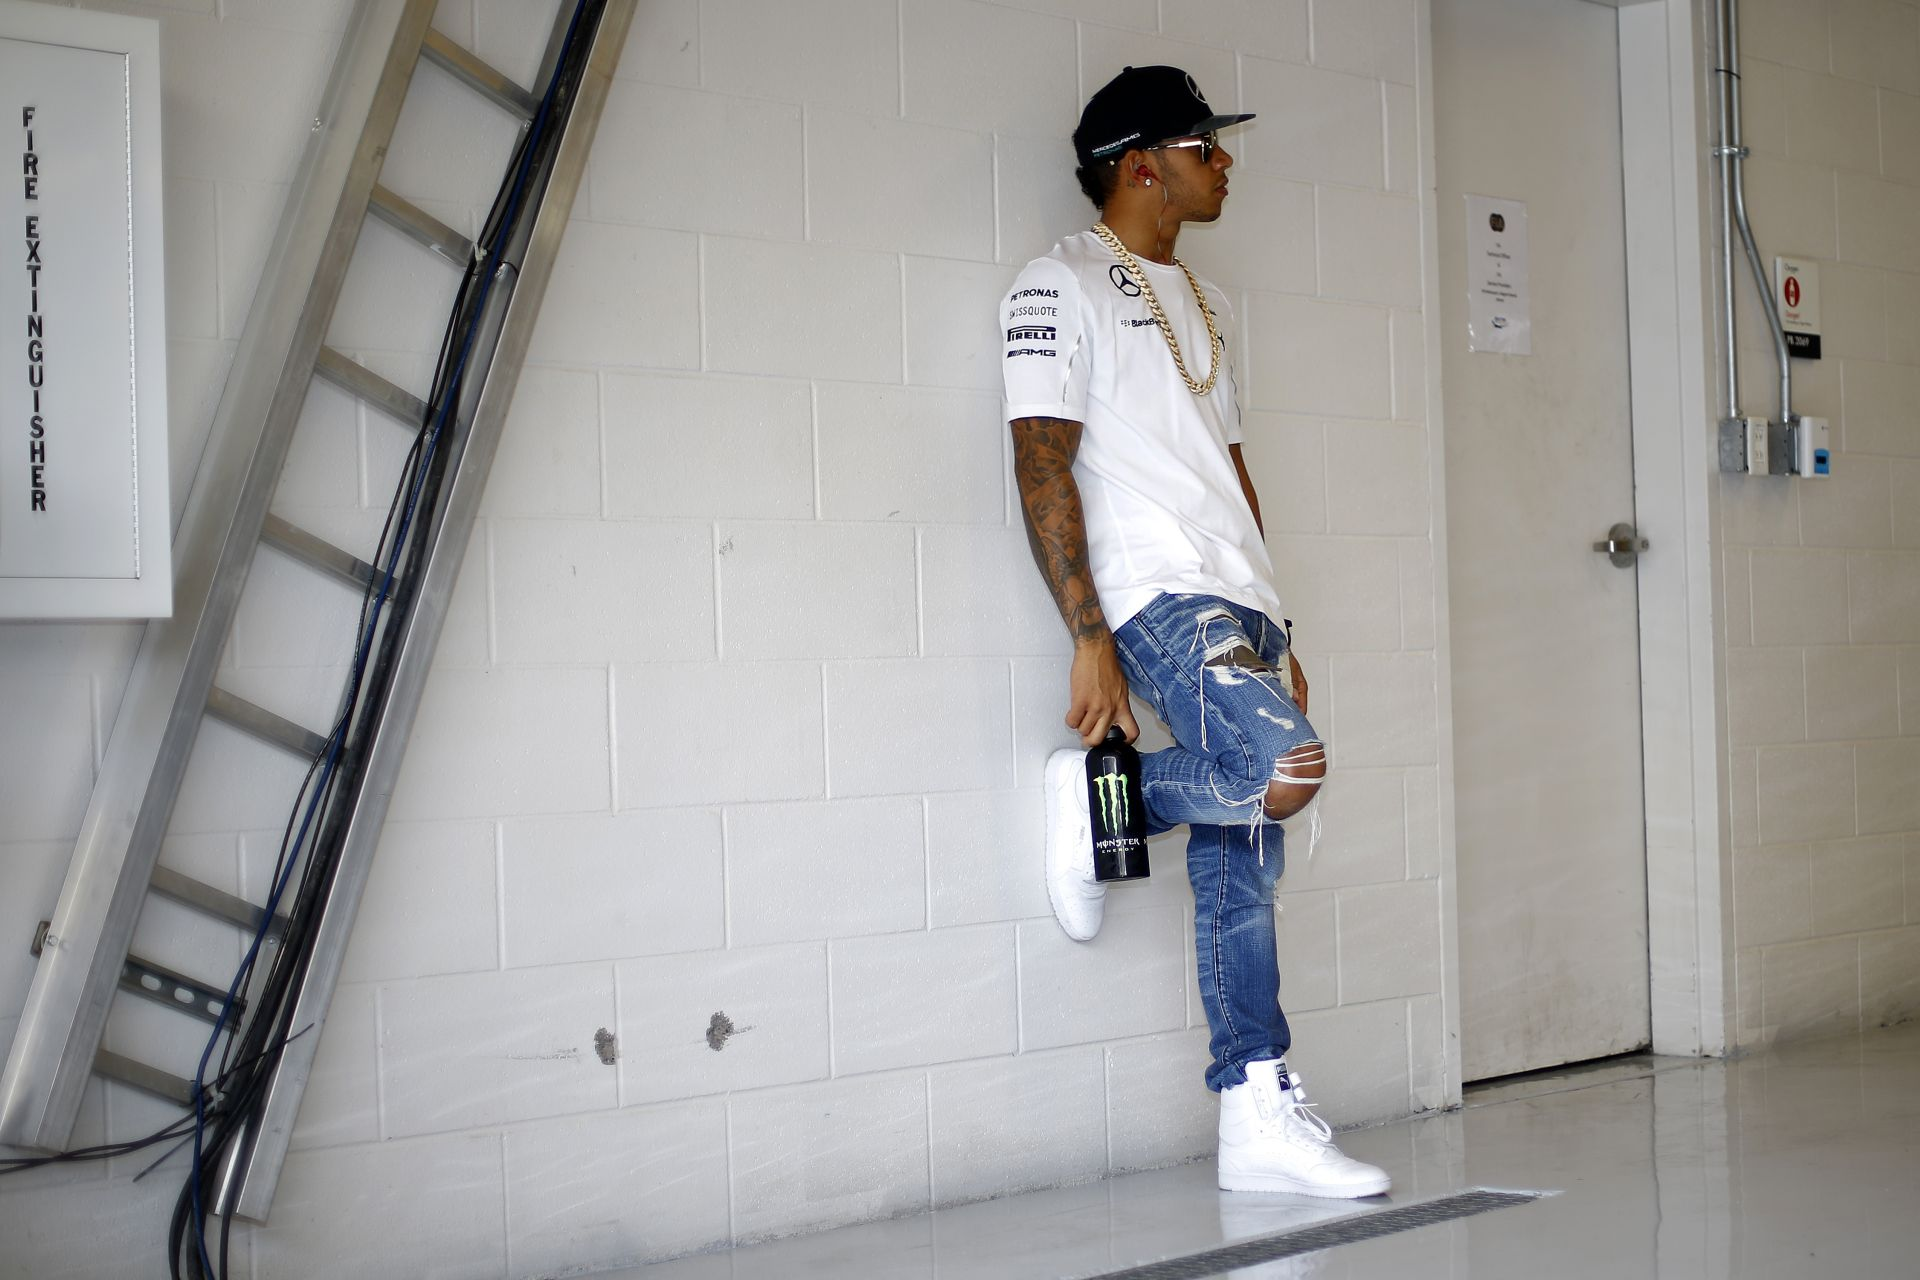 A Mercedes szerint nem lenne igazságos, ha Hamilton a dupla pontok miatt bukná el a címet